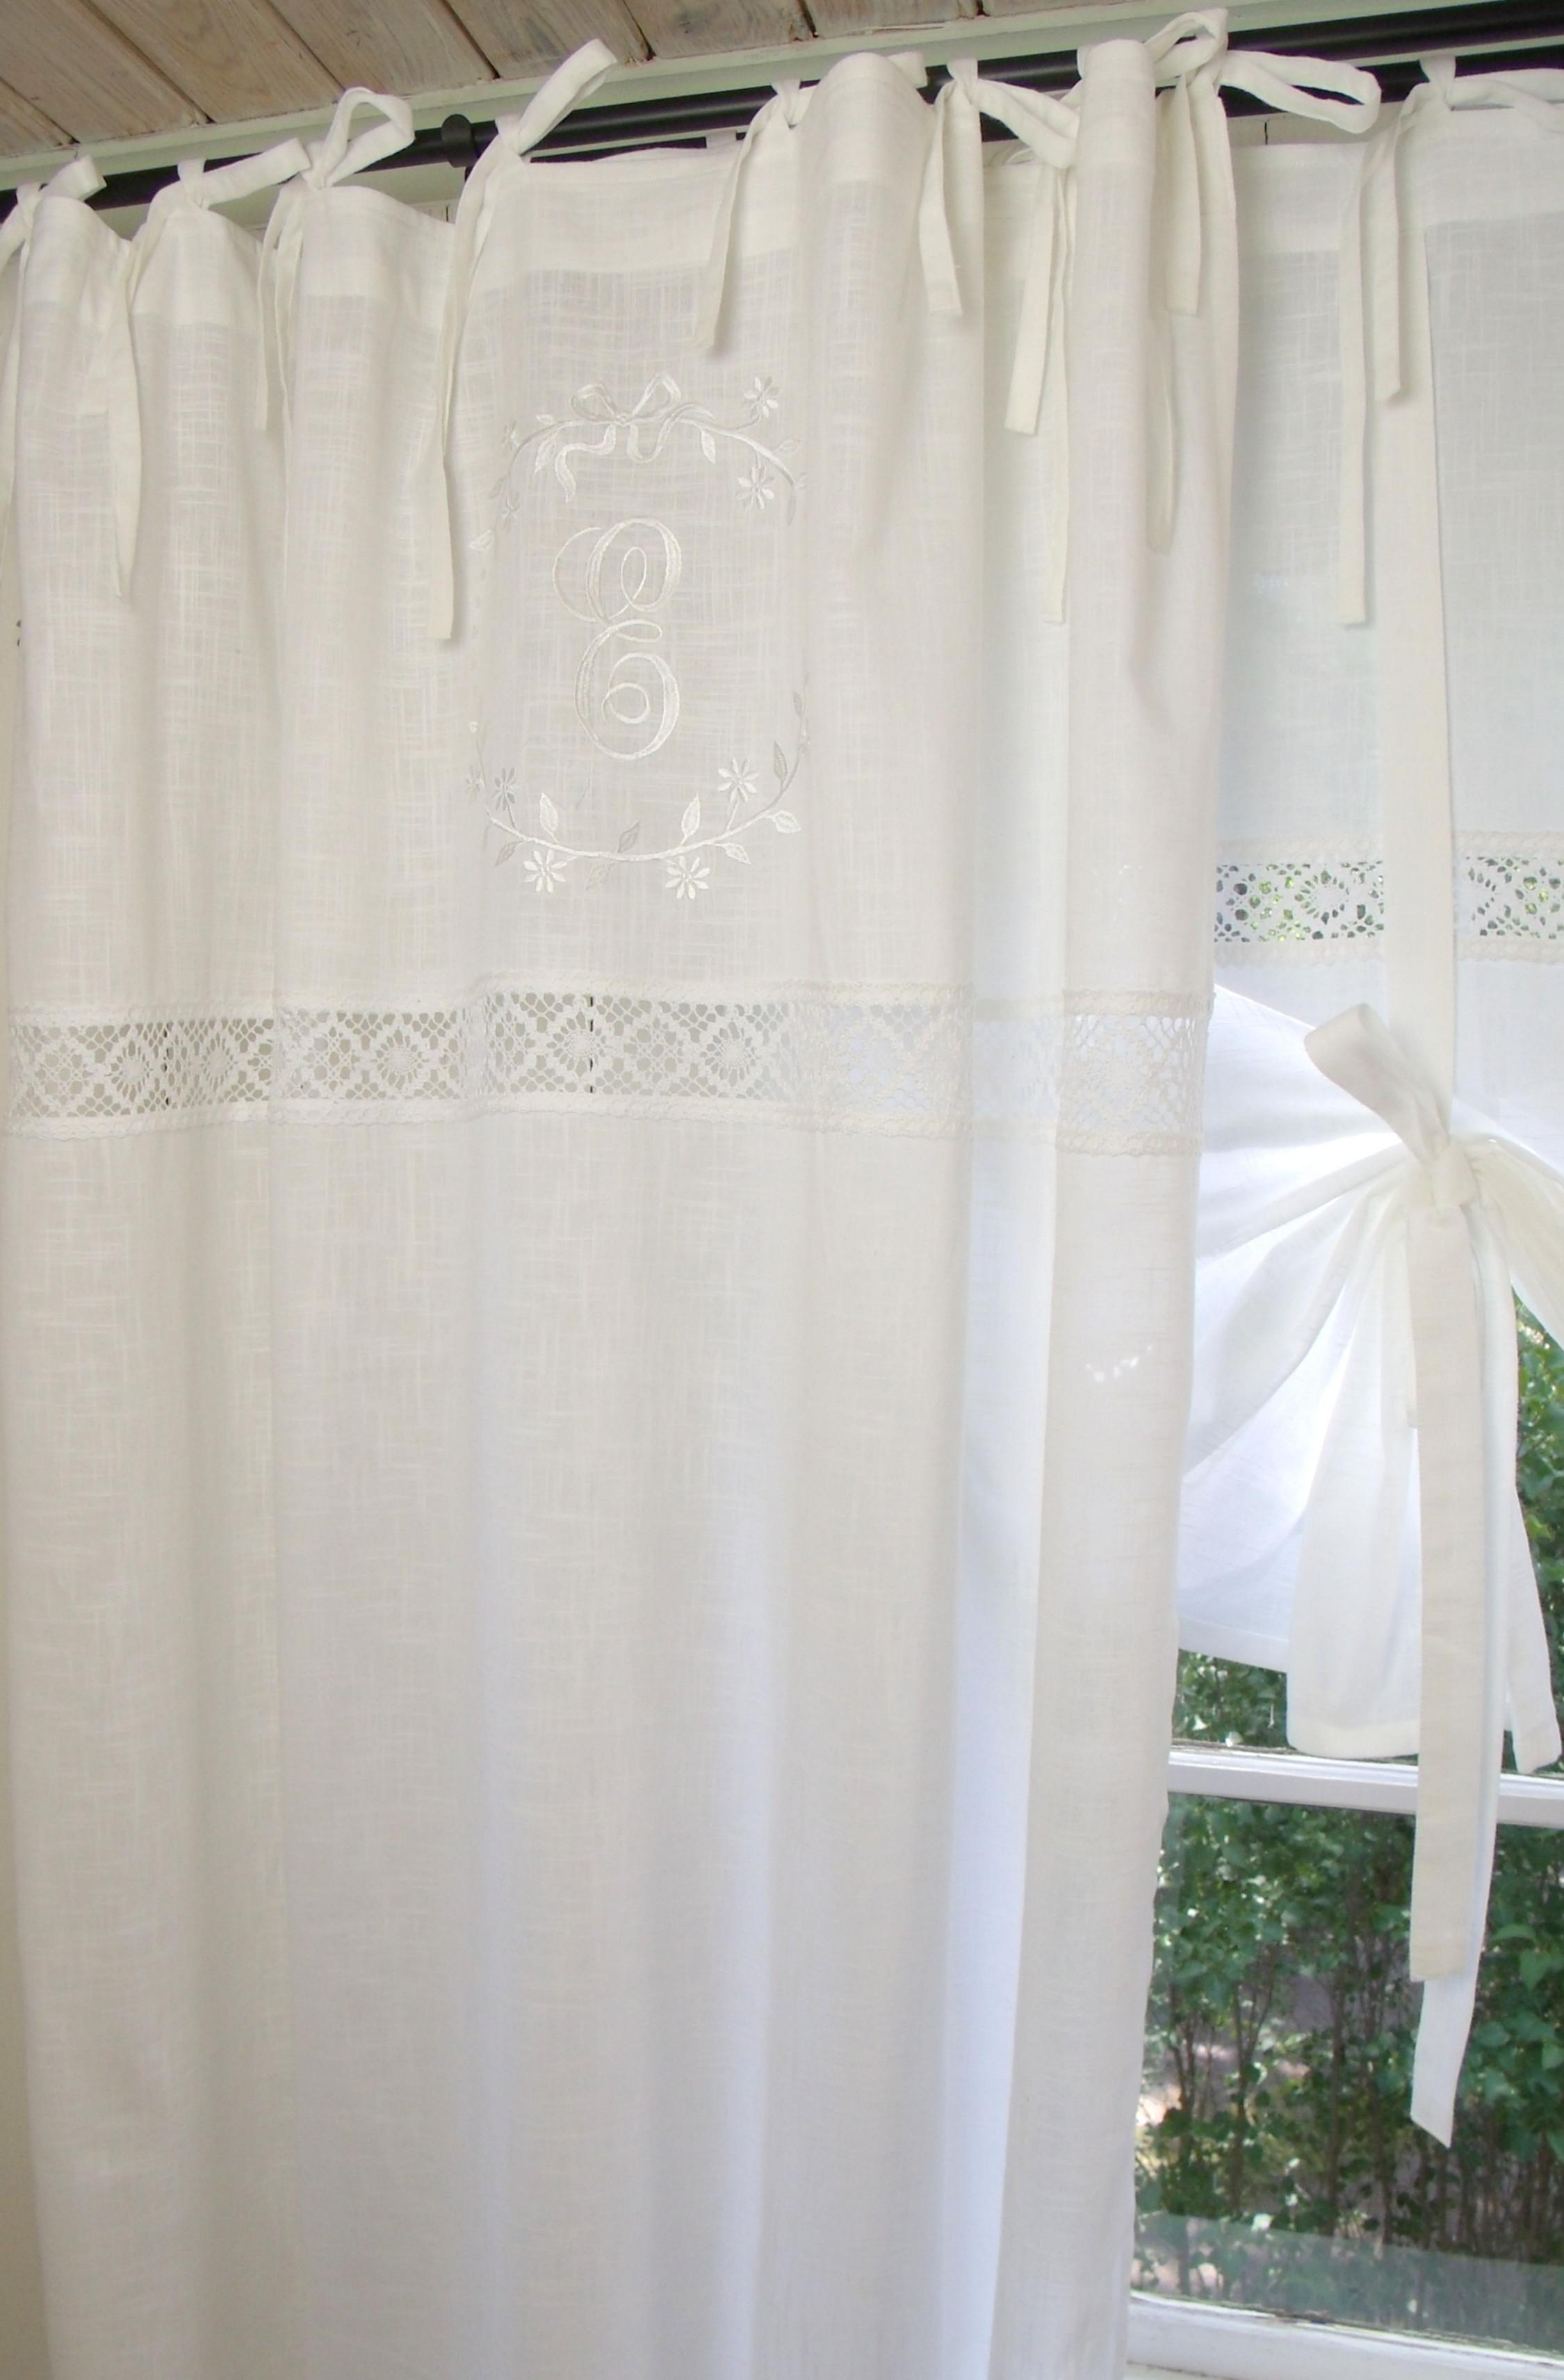 Vorhang Emilia Weiß Gardine 140X300 Cm 2 Stück  Vorhänge von Romantische Gardinen Wohnzimmer Bild